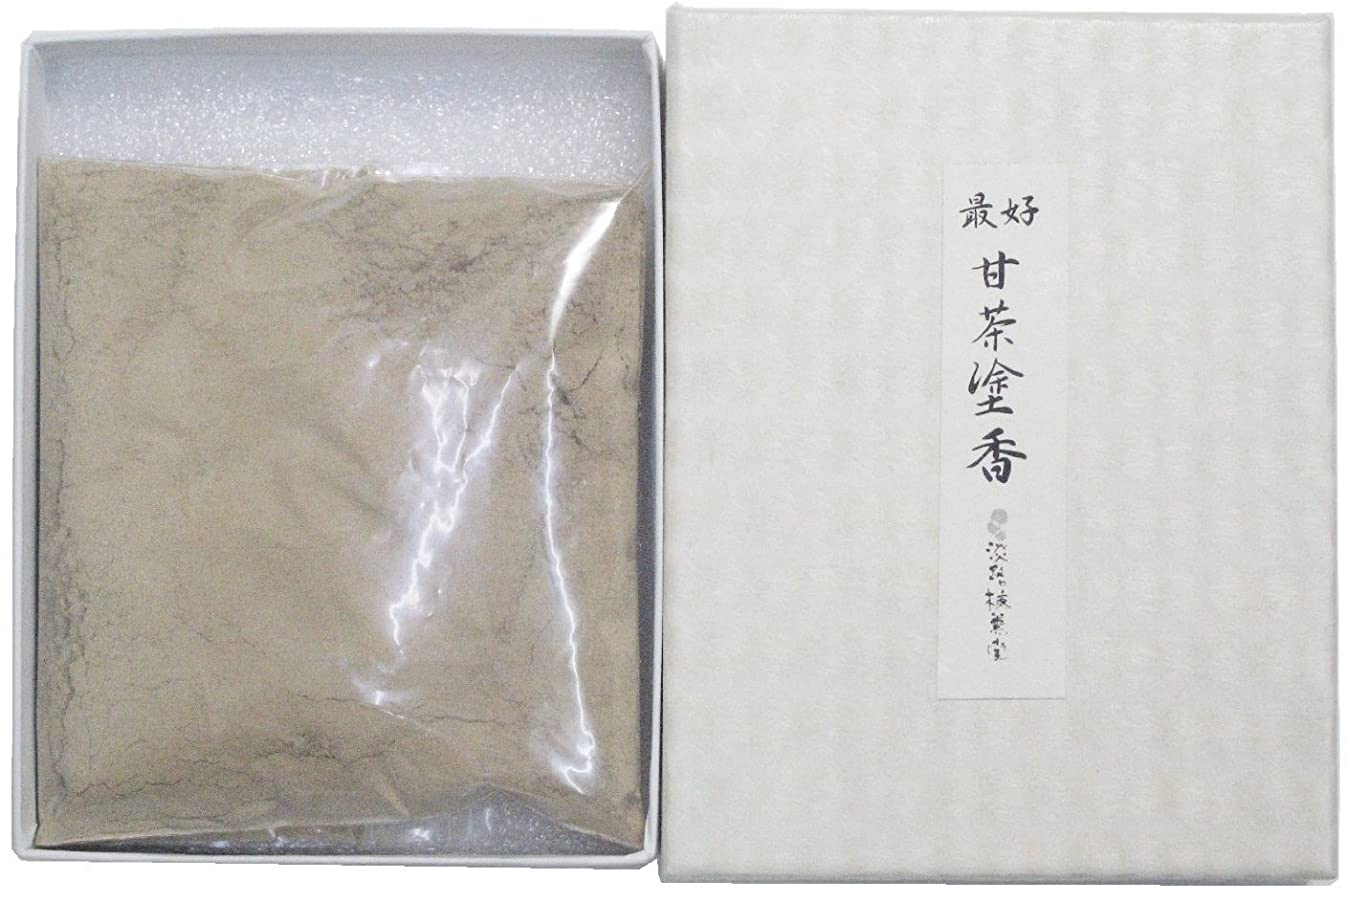 家族あいまいさ落胆させる淡路梅薫堂の塗香 最好甘茶塗香 30g ( ずこう ) 粉末 #503